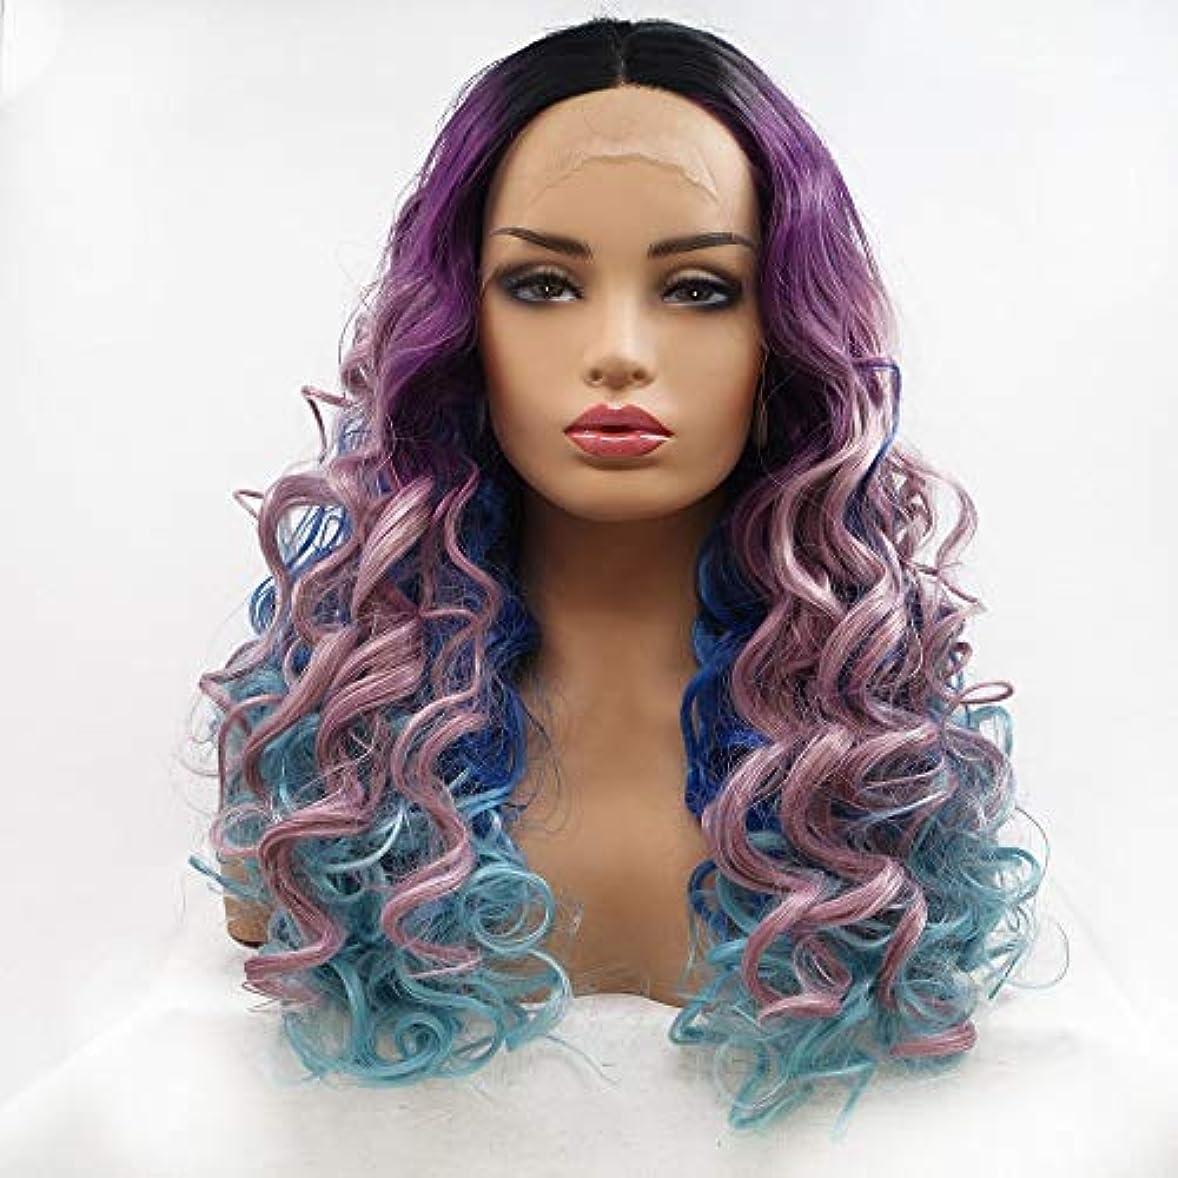 異邦人軽蔑する定規HAILAN HOME-かつら ウィッグ髪に紫、濃い青 - 青 - 勾配Farseeing髪カーリーヘアウィッグレディース手作りのレースのヨーロッパとアメリカのウィッグセットが生物リアルな換気を設定します。